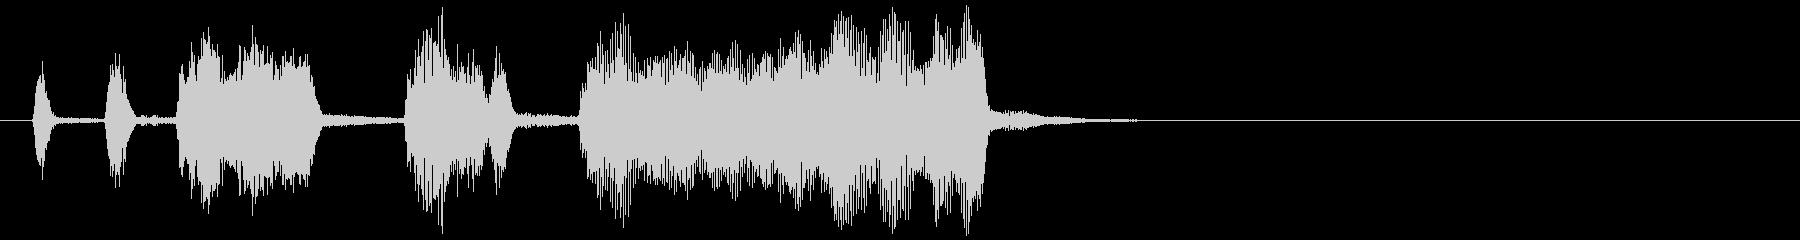 響きが強いミディアムテンポ音楽の未再生の波形